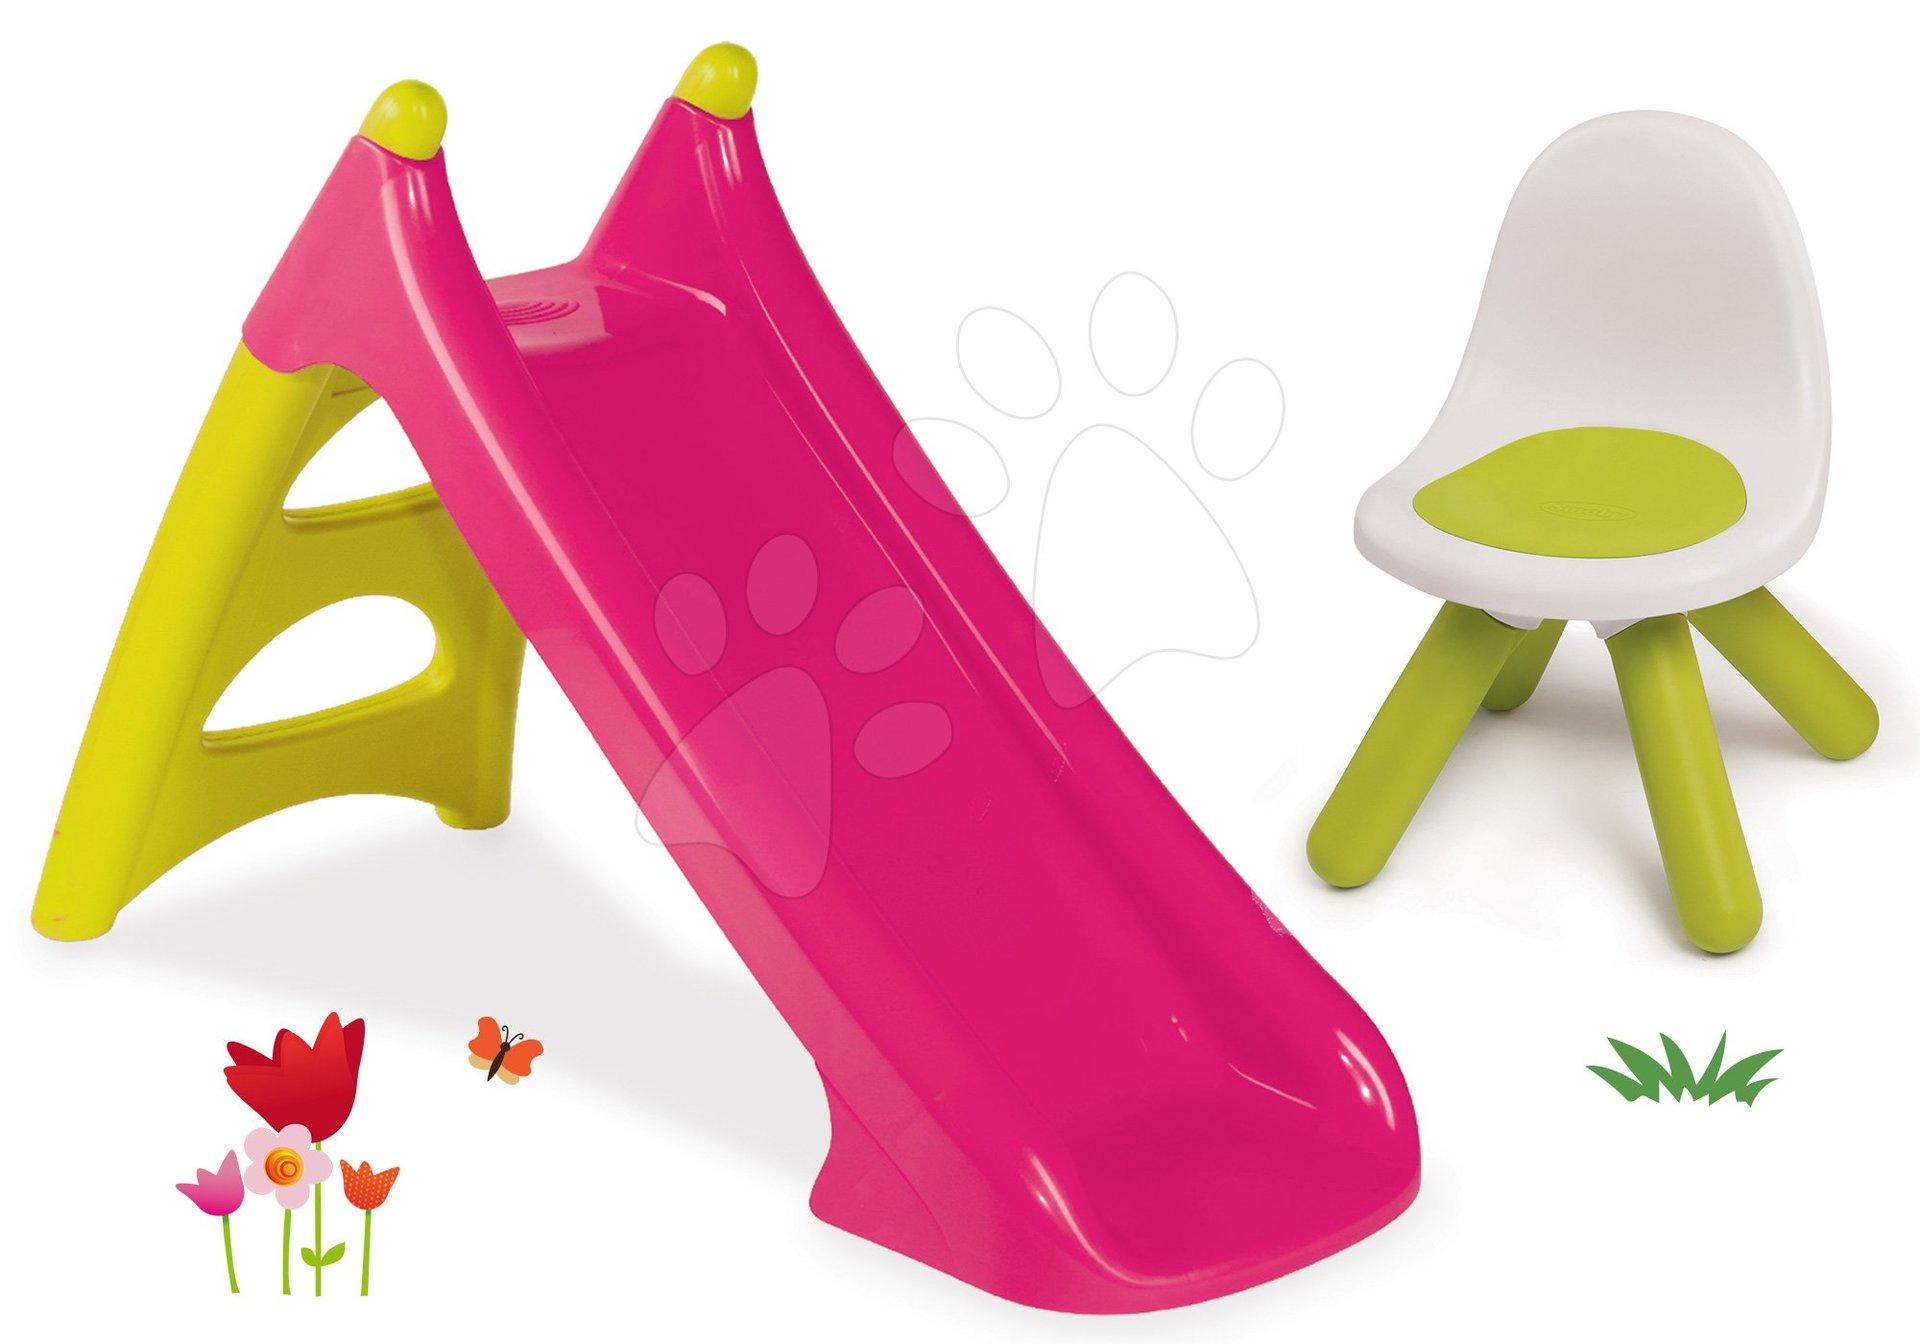 Set šmykľavka Toboggan XS ružová Smoby a stolička pre deti KidChair